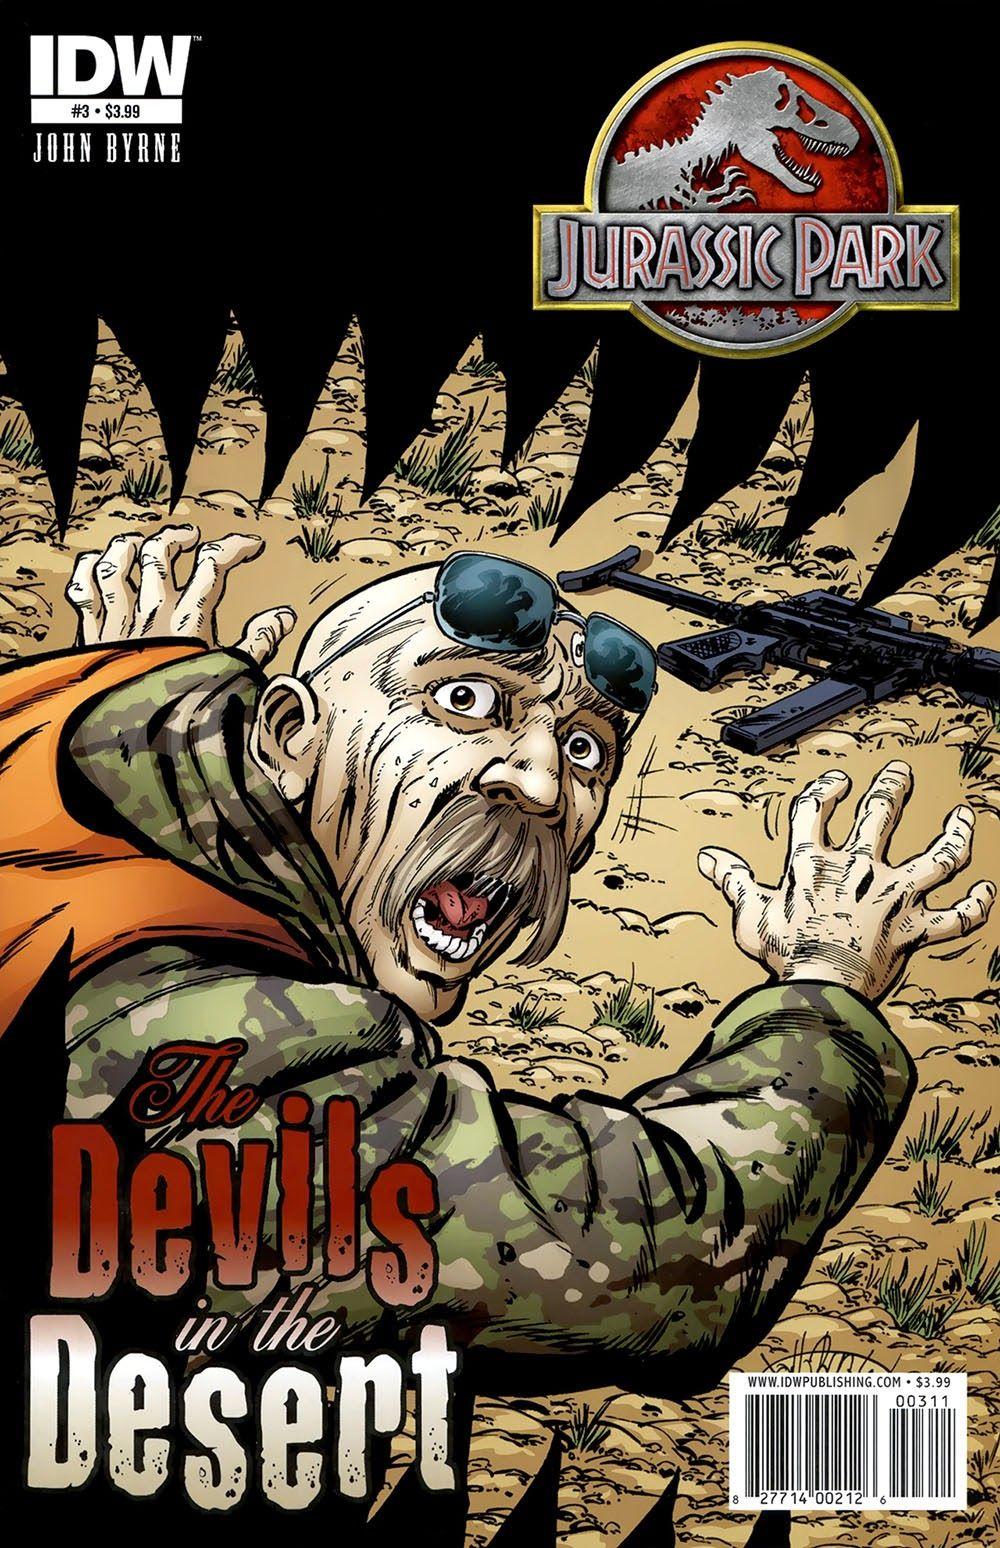 Jurassic Park 008 – The Devils in the Desert 03 | Viewcomic